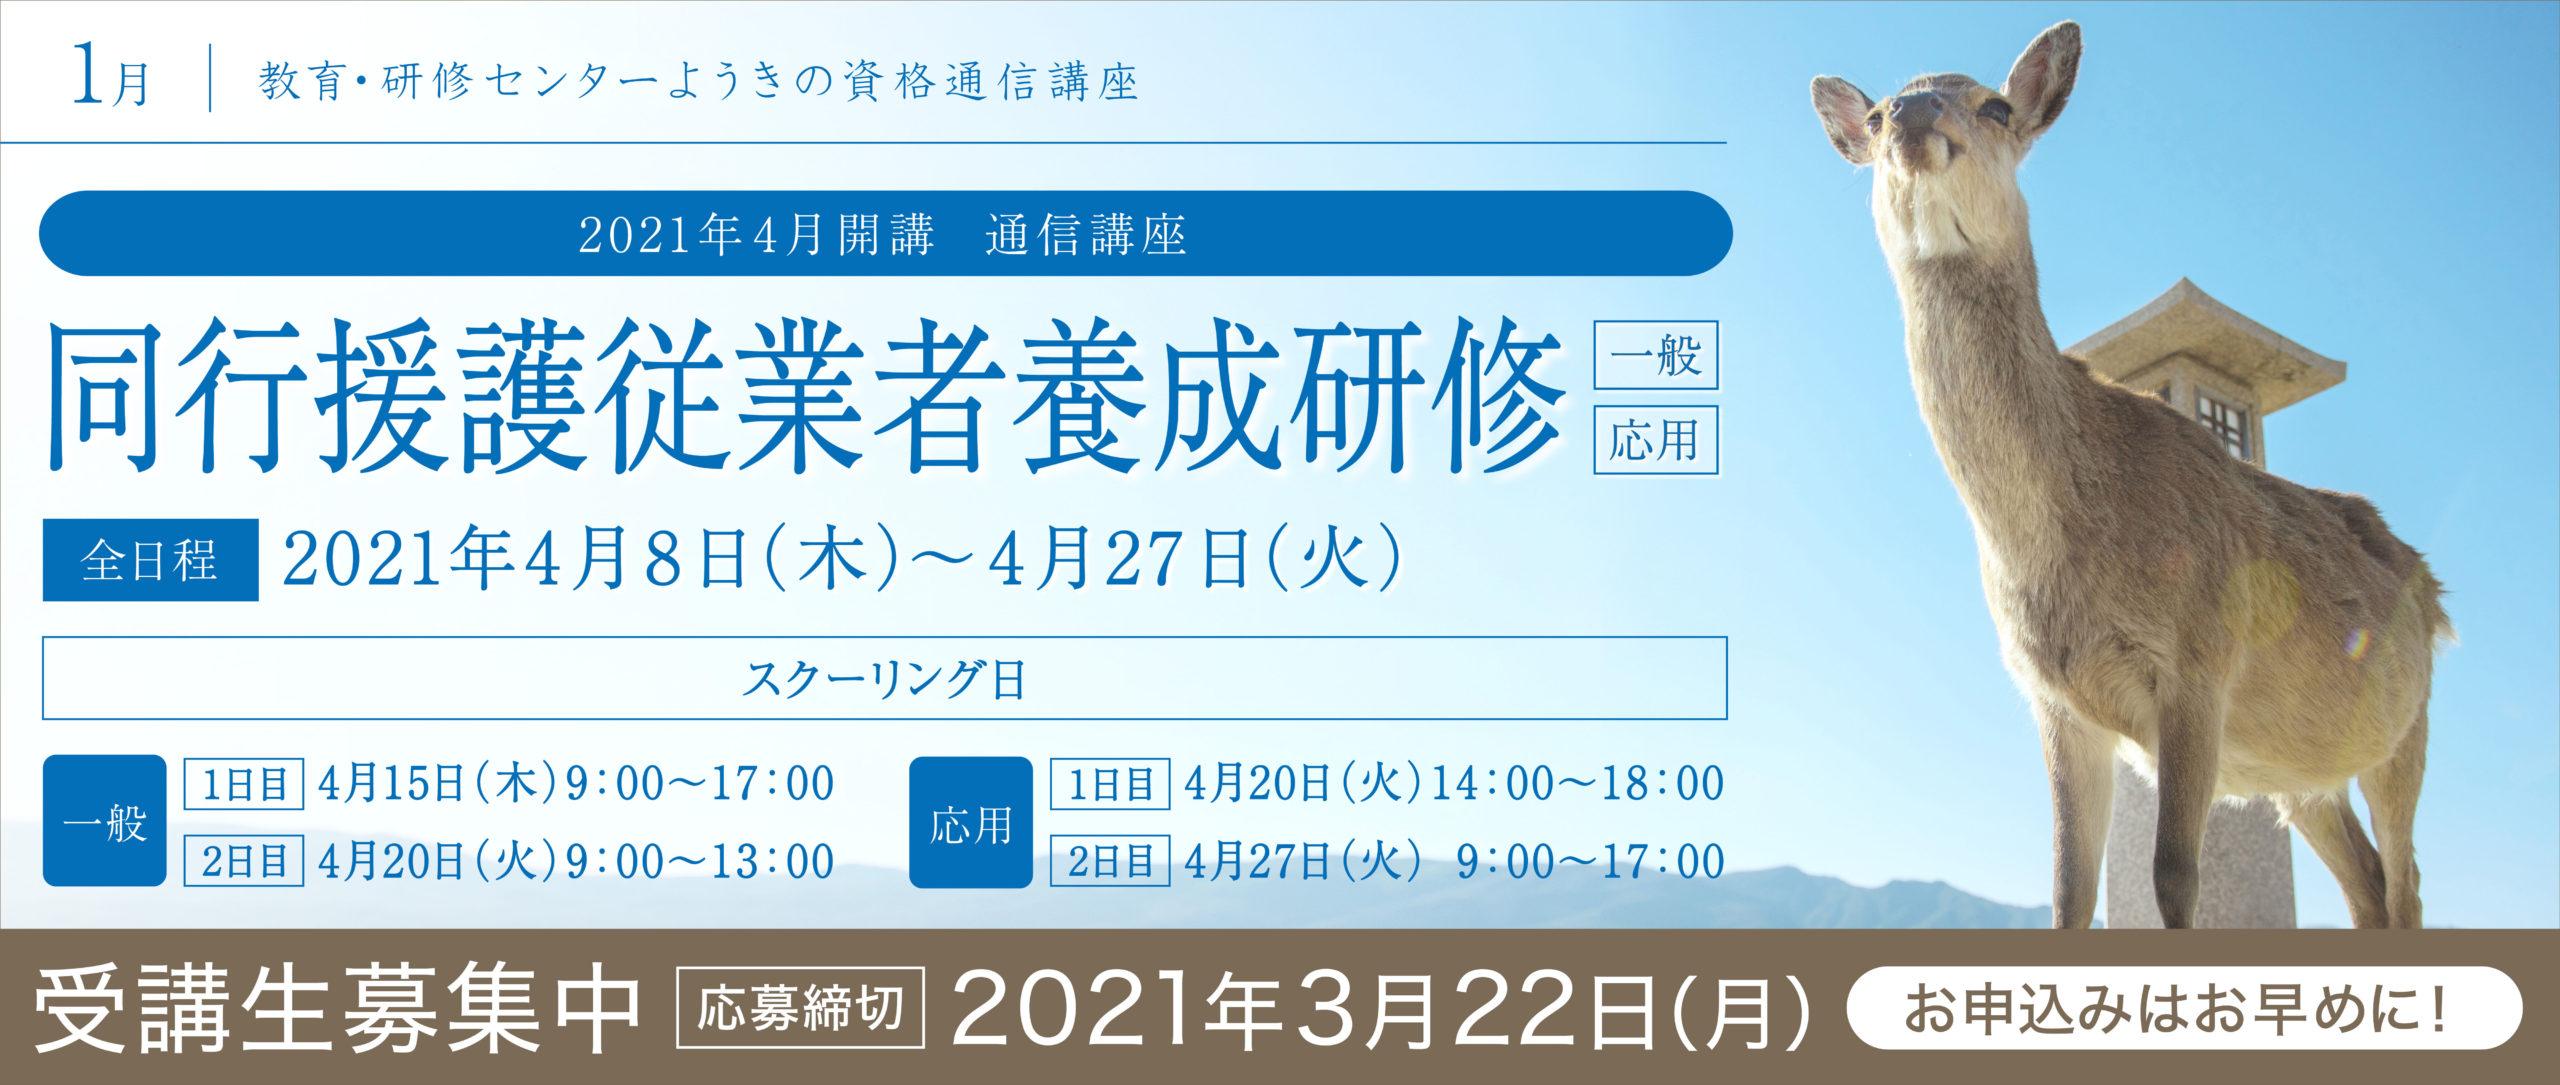 2021年1月TOPバナー04